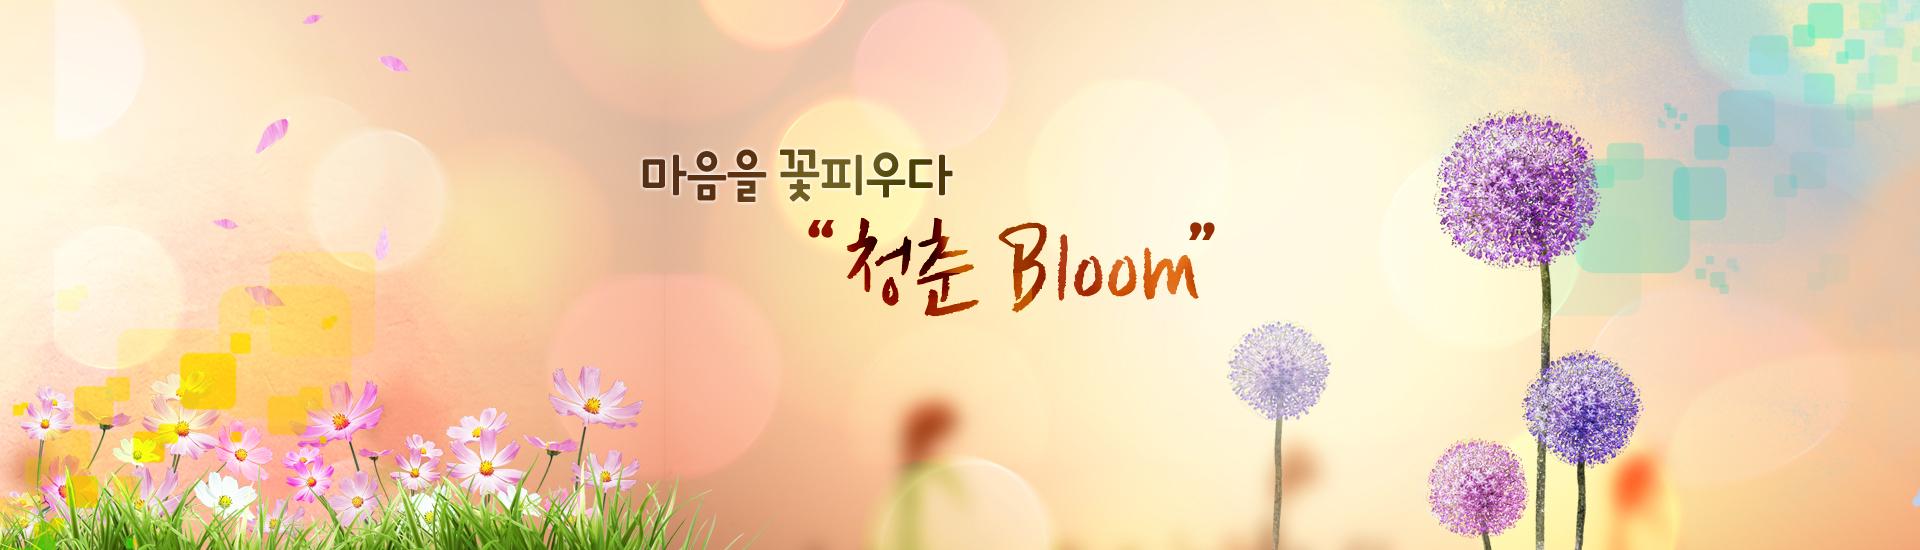 마음을 꽃피우다 청춘 Bloom